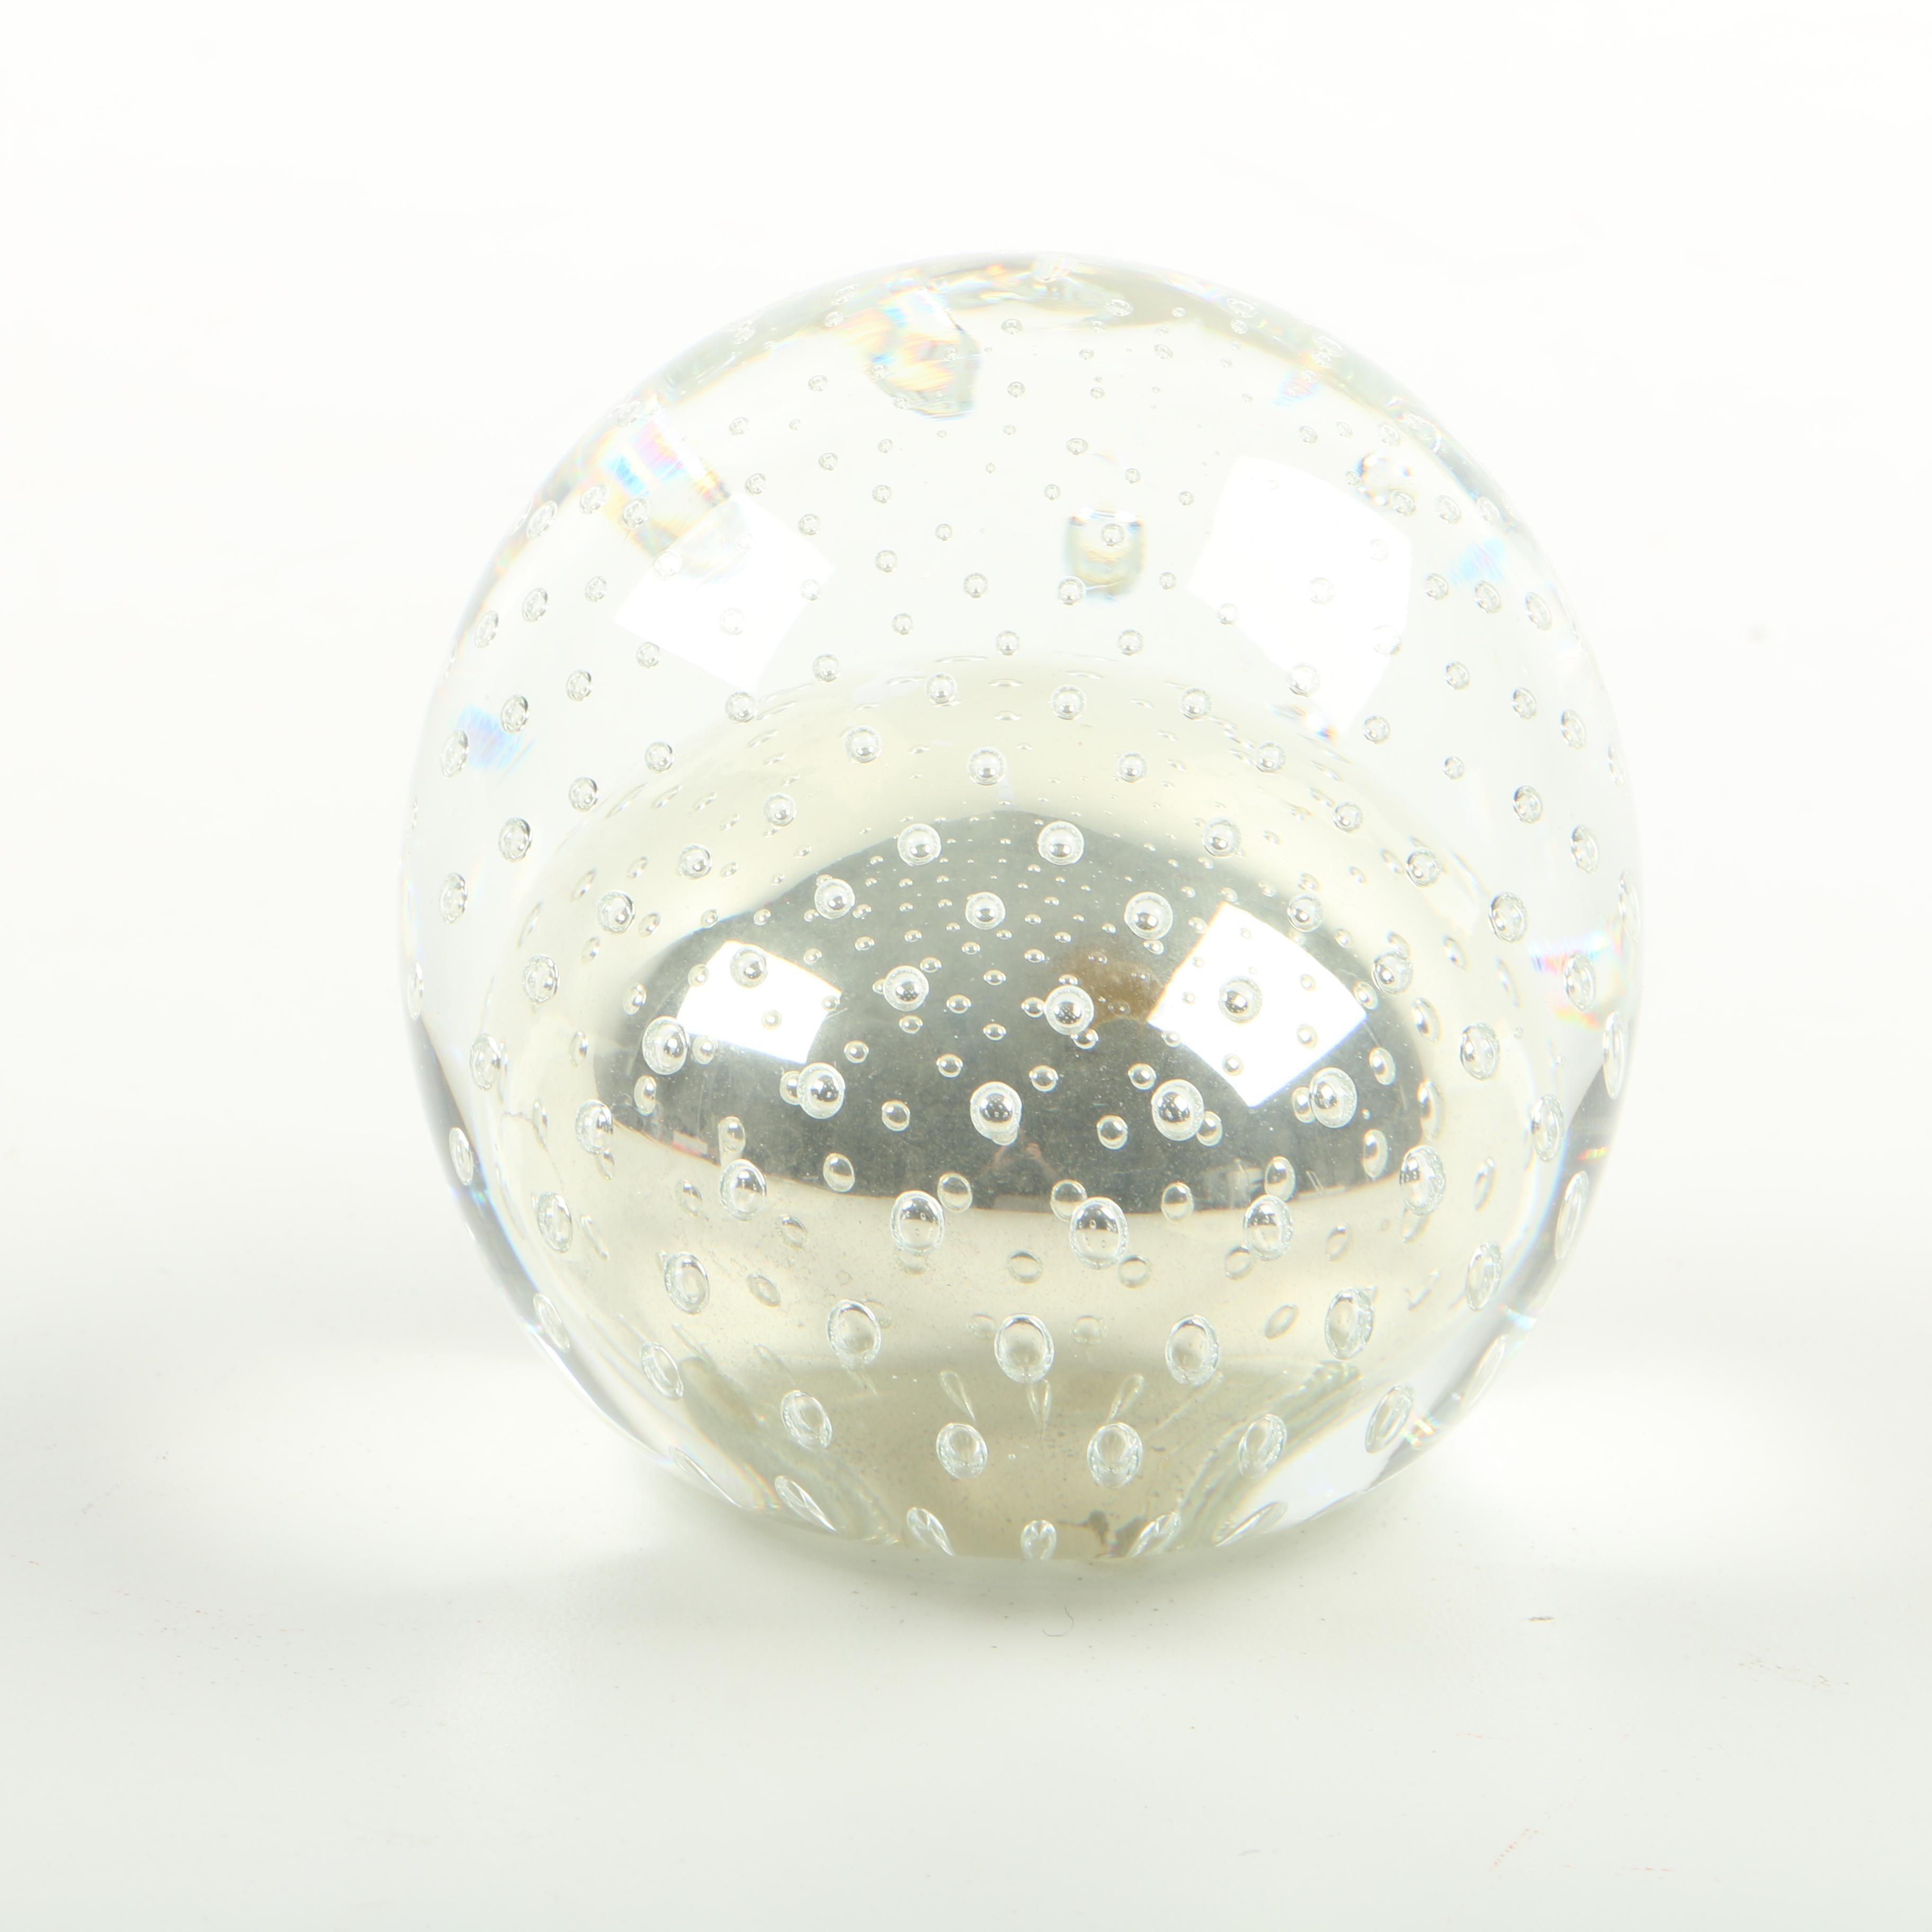 Hand-Blown Mercury Glass Raindrop Paperweight